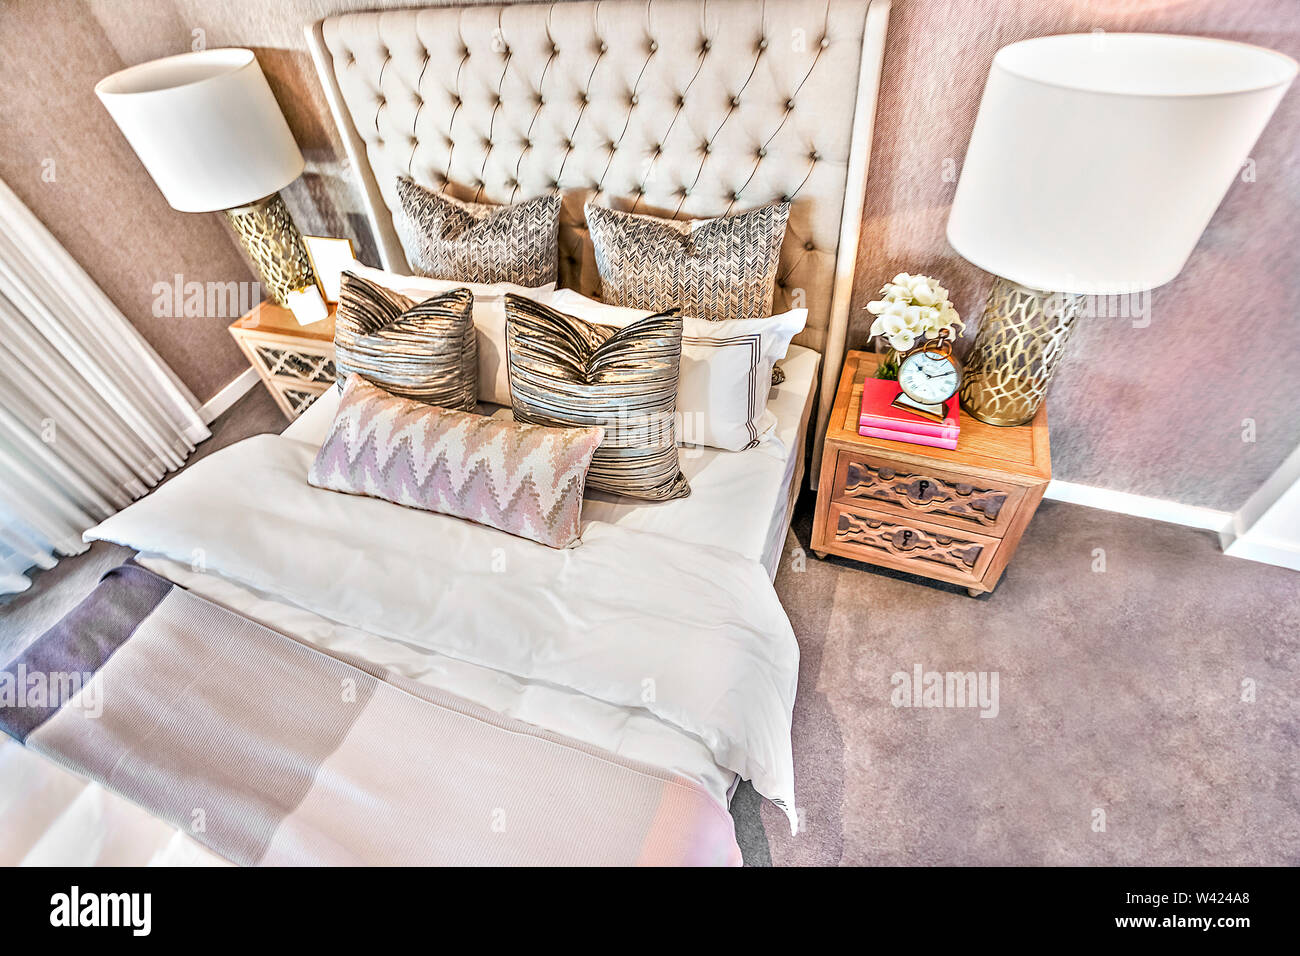 Vista superiore della camera da letto di lusso closeup con cuscini, fogli e spie del mobiletto in legno, colorata area perfetto anche fulmini, camera molto pulita. Immagini Stock